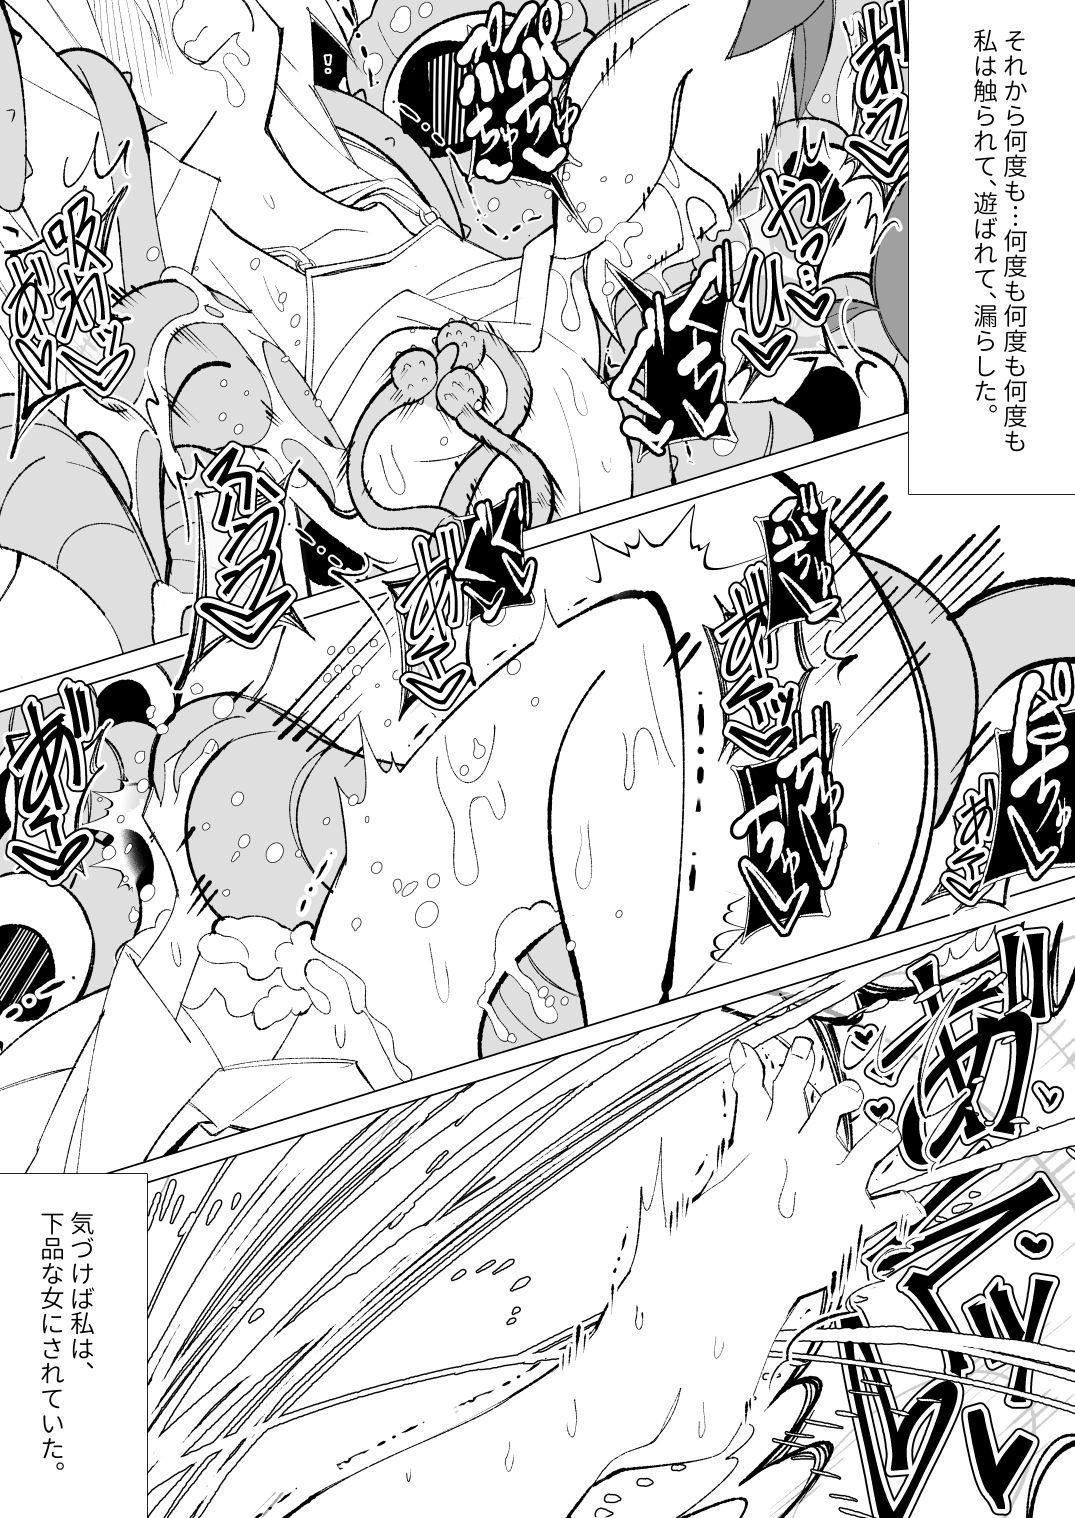 Ishu kan fūzoku-gai3 shokubutsu shokushu × rori 29